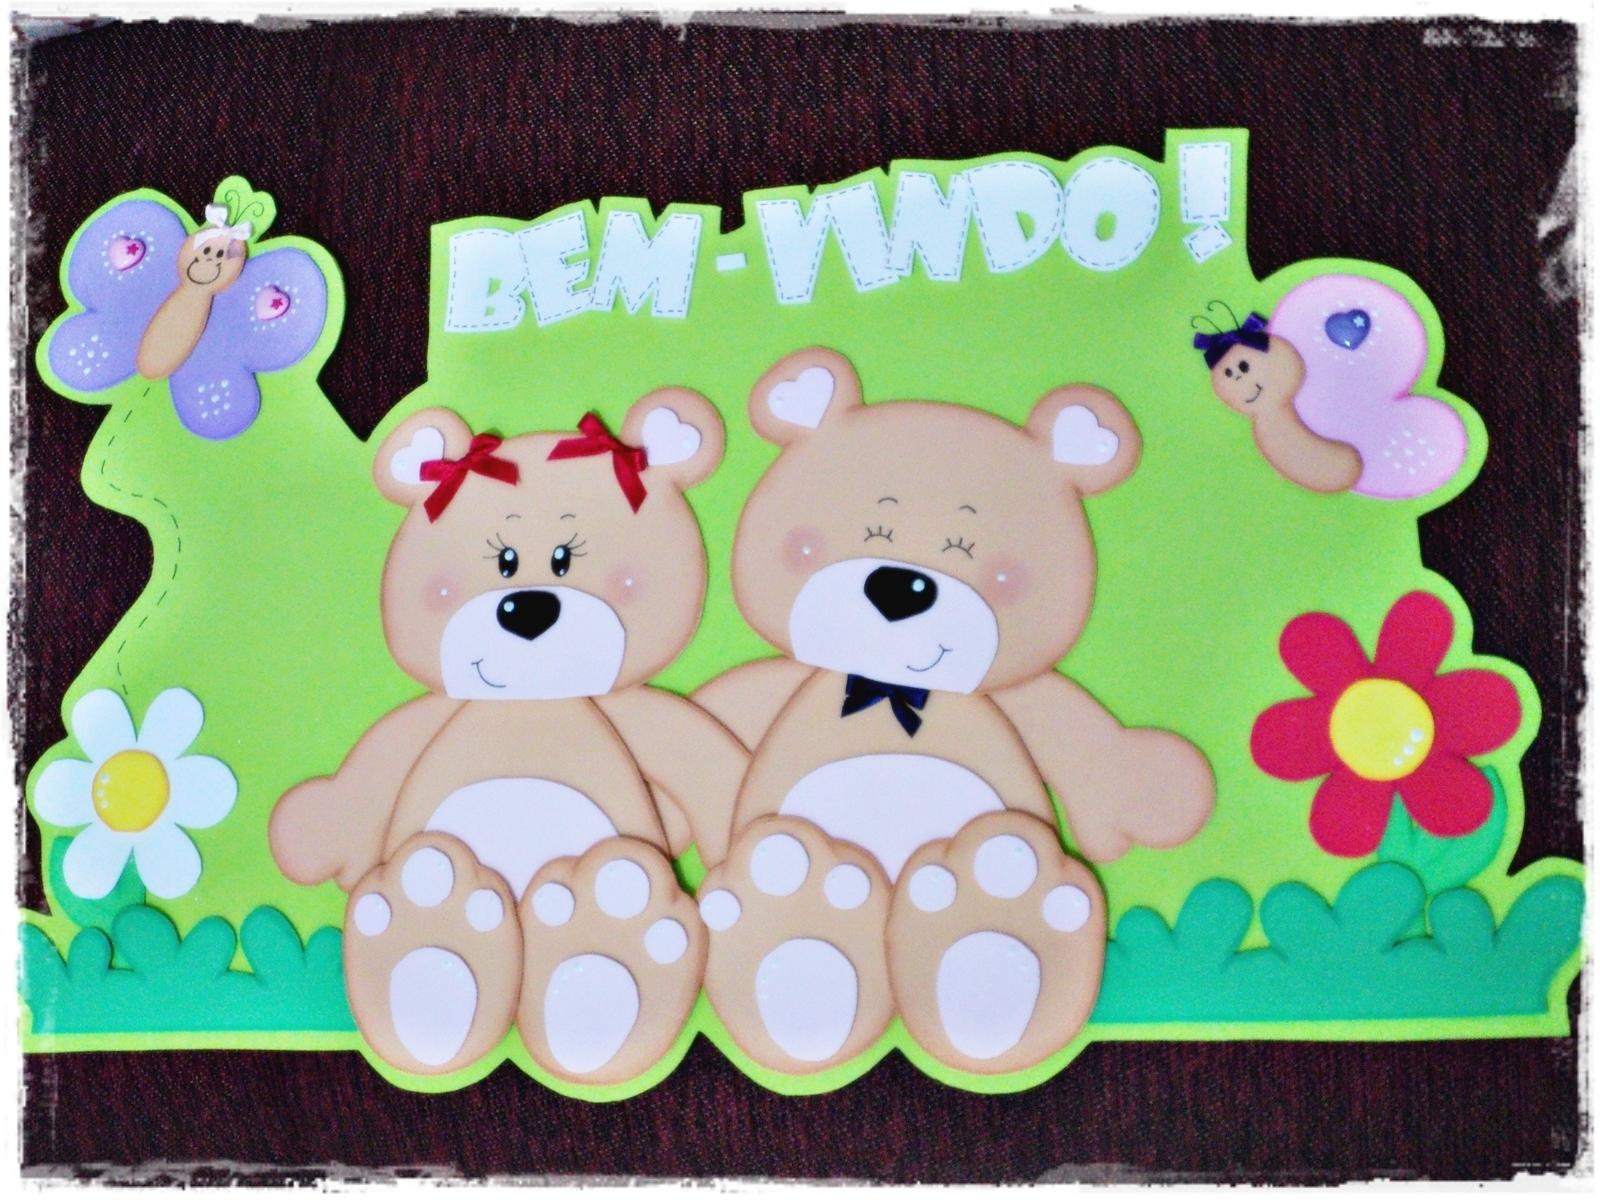 Cartaz Sala De Aula BemVindo  Eu Faço Arte  Nice Brunherotti  -> Decoracao Para Banheiro De Escola Em Eva